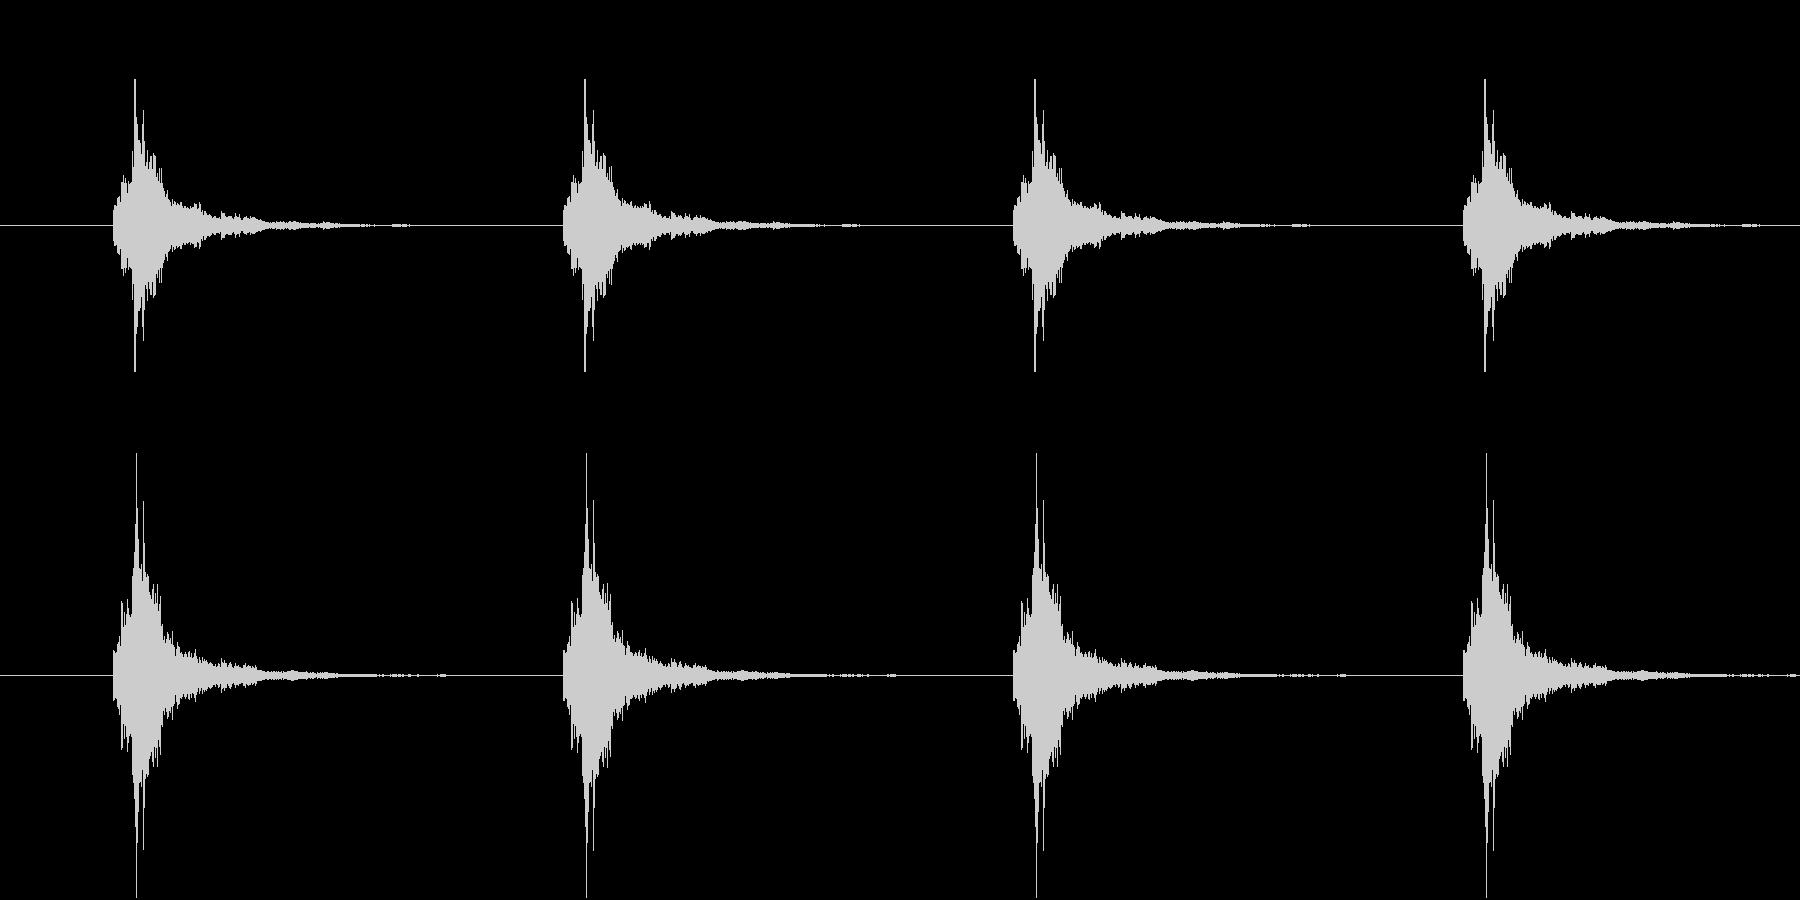 鈴が鳴る音(和風ホラー向け・ループ可能)の未再生の波形